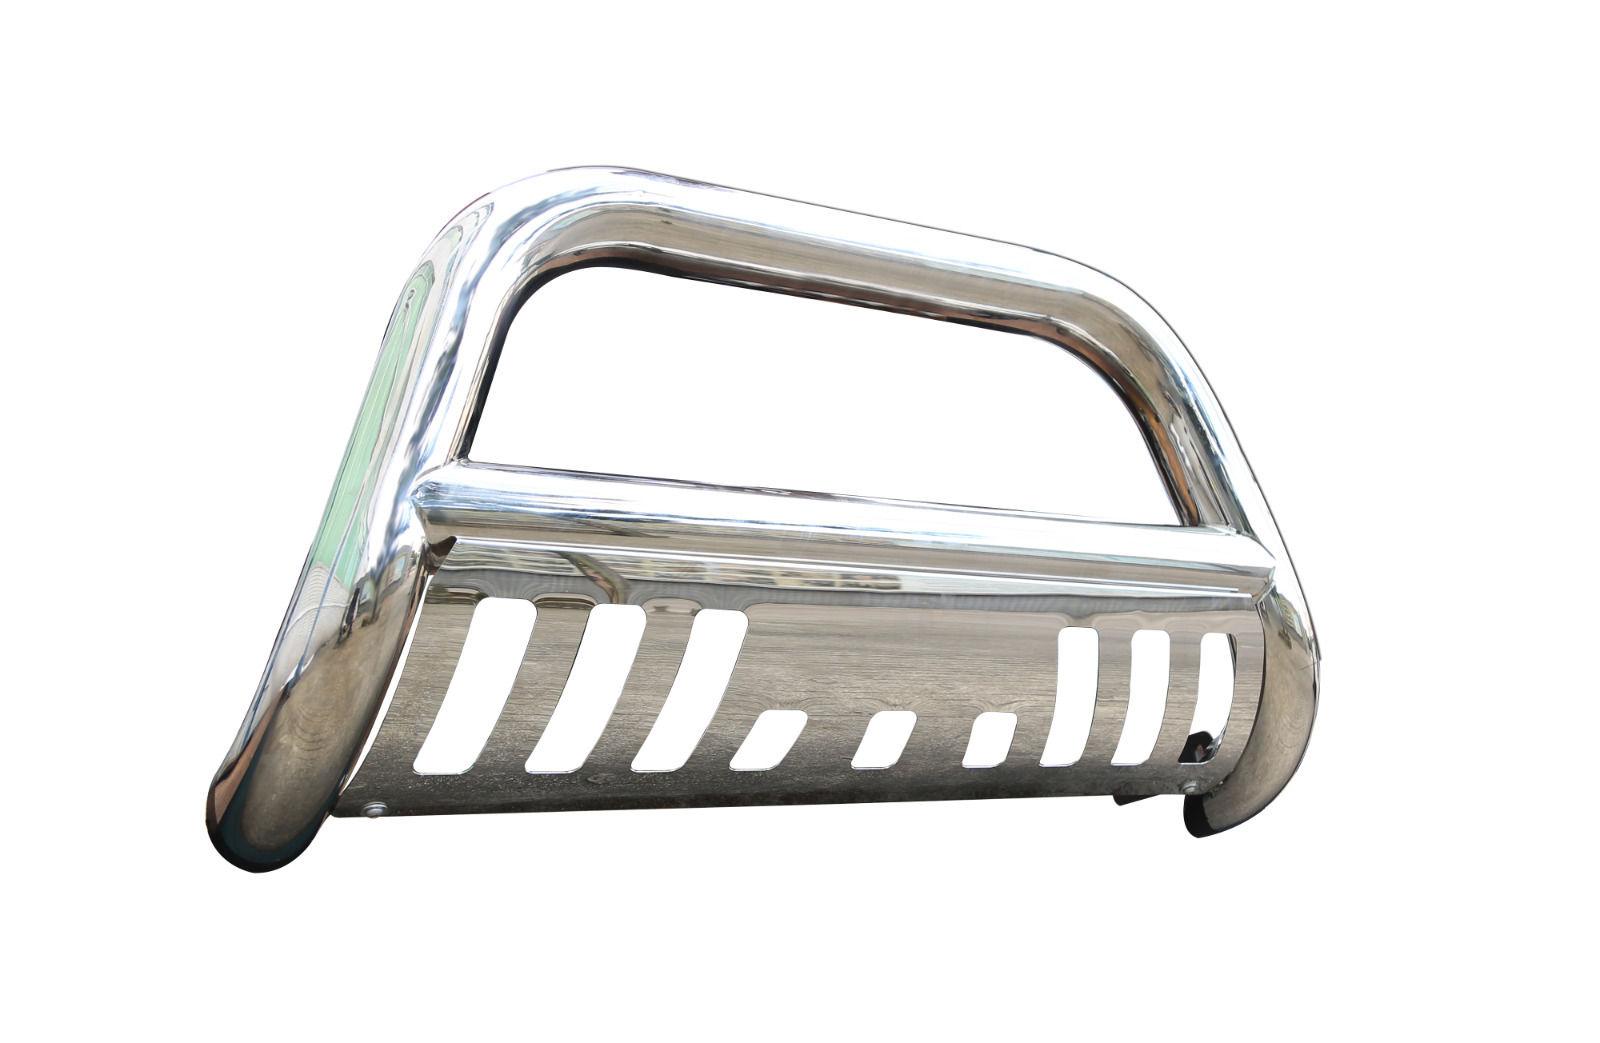 グリル 2001-2003 Ford F150 SSブルバーグリルガードフロントバンパー/スキッドプレート用 For 2001-2003 Ford F150 SS Bull Bar Grill Guard Front Bumper w/skid Plate